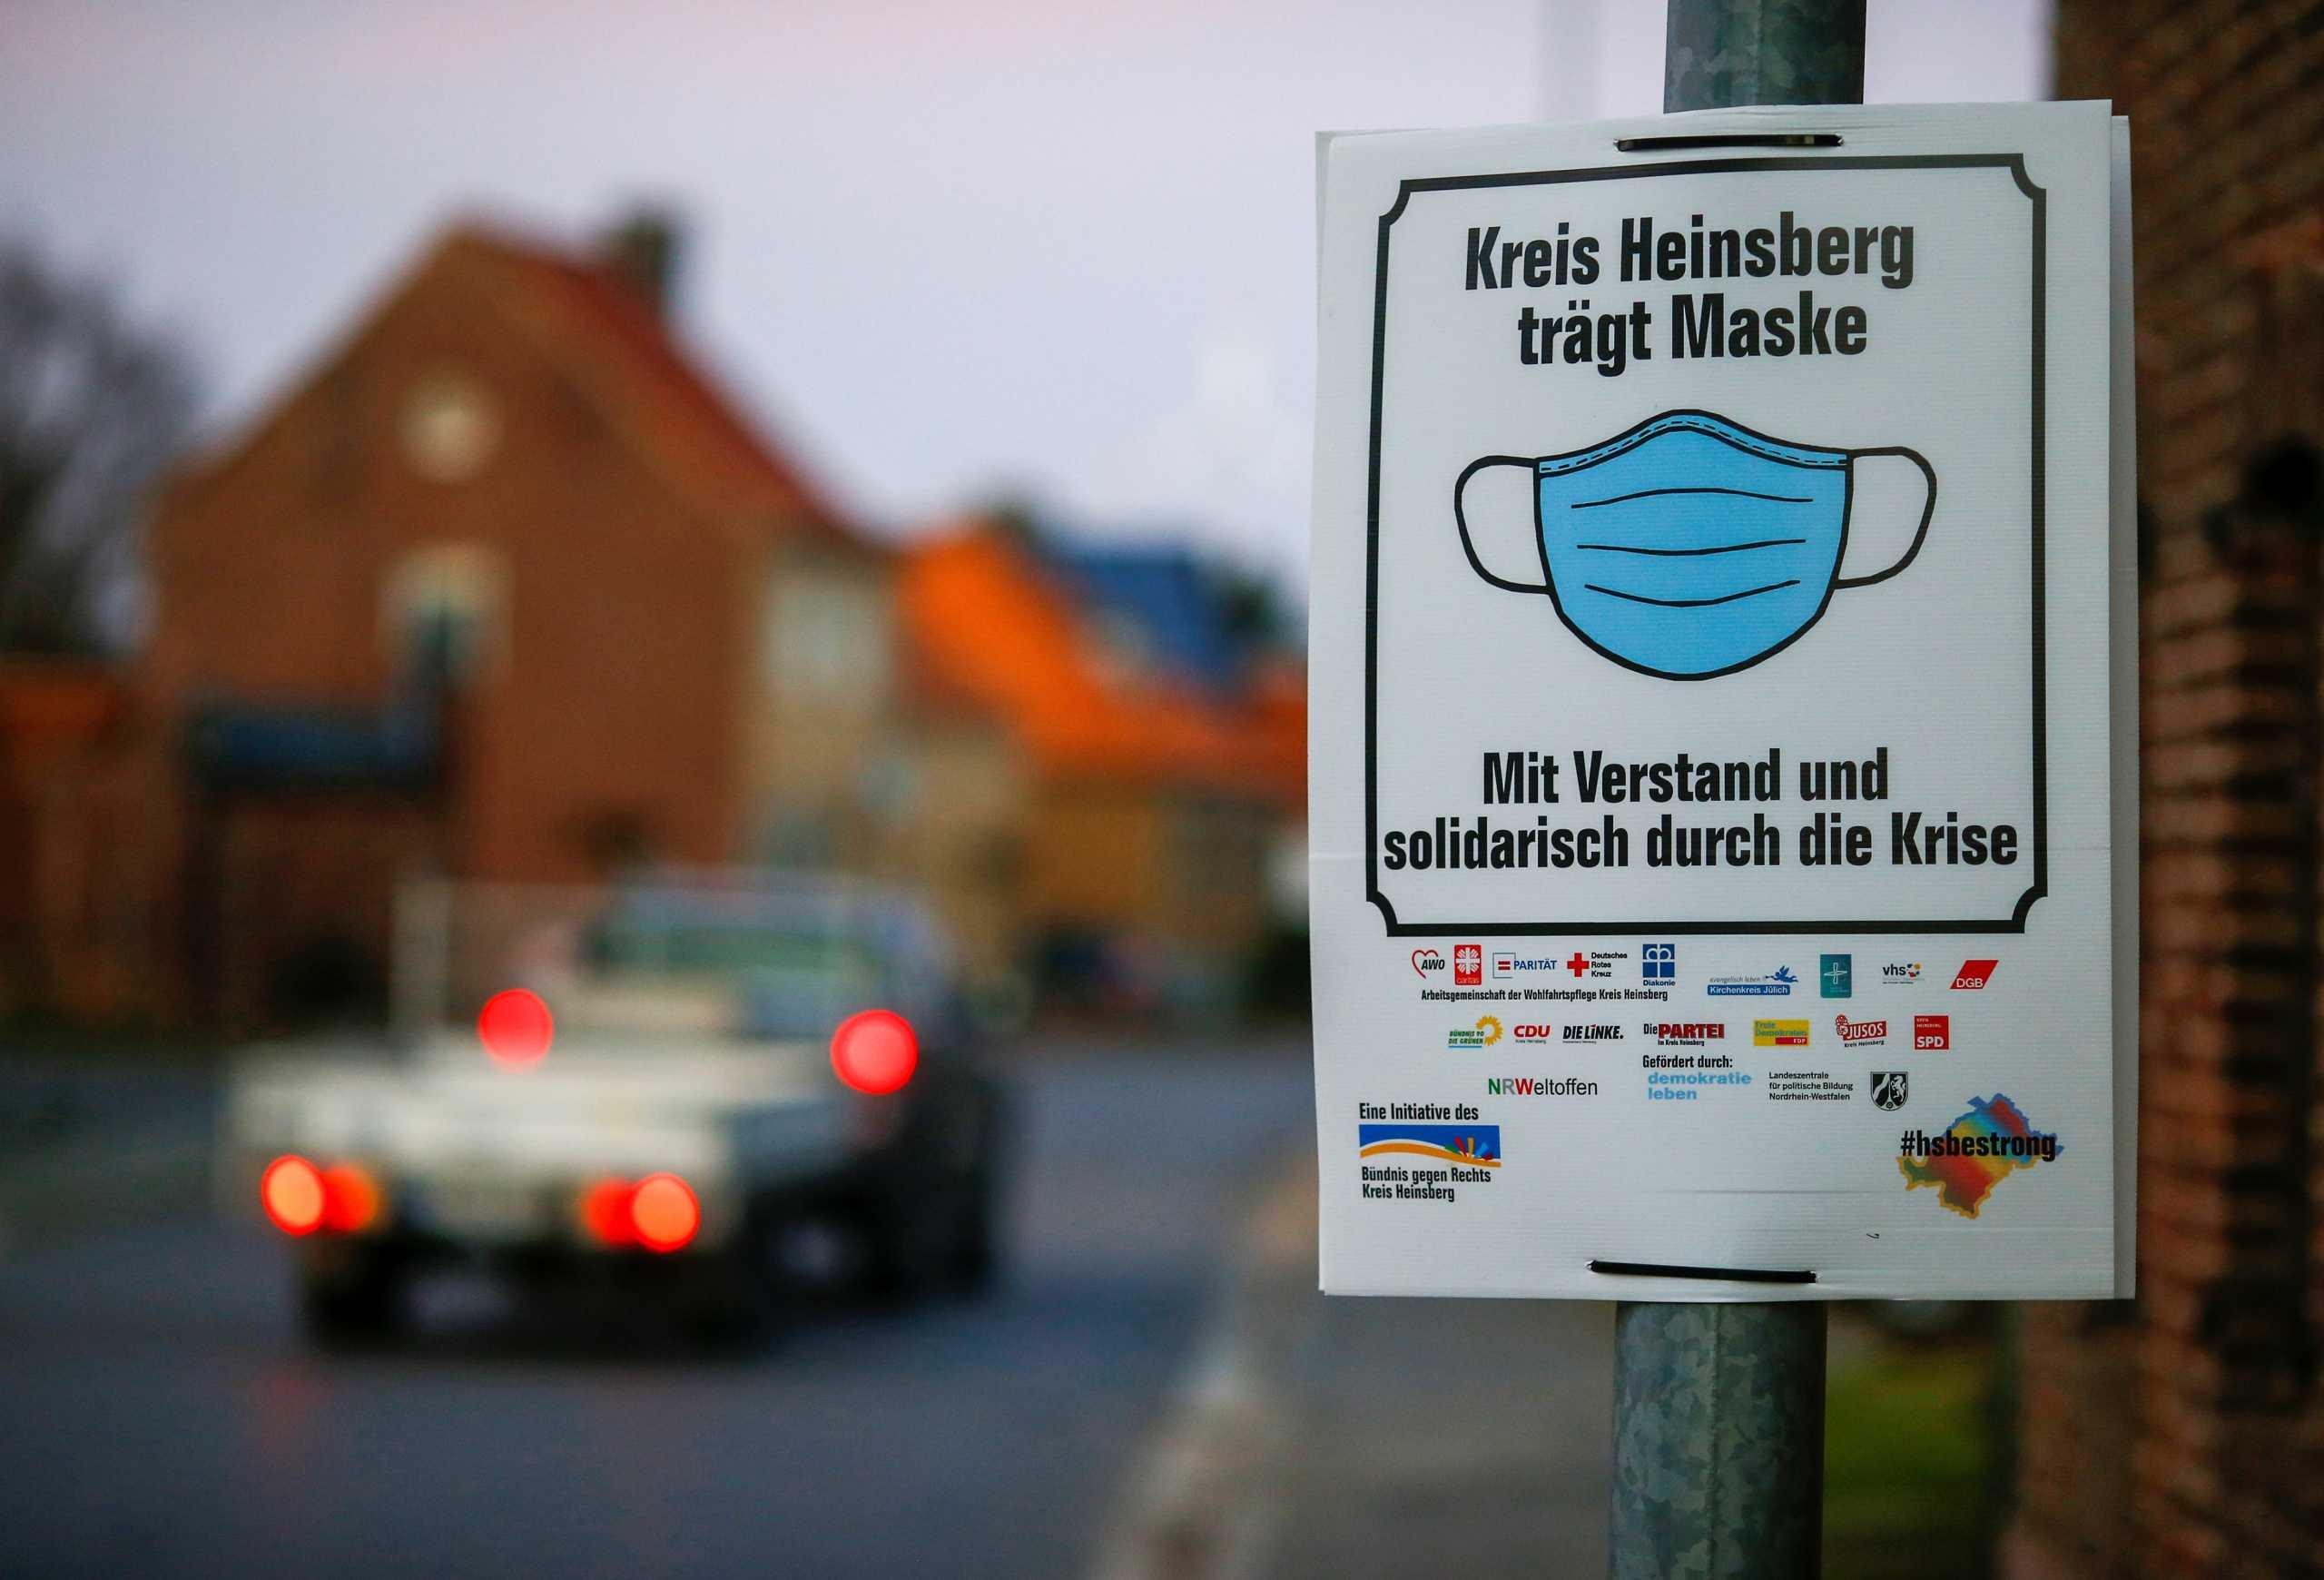 Γερμανία: 14.356 κρούσματα κορονοϊού και 321 νεκροί σε 24 ώρες